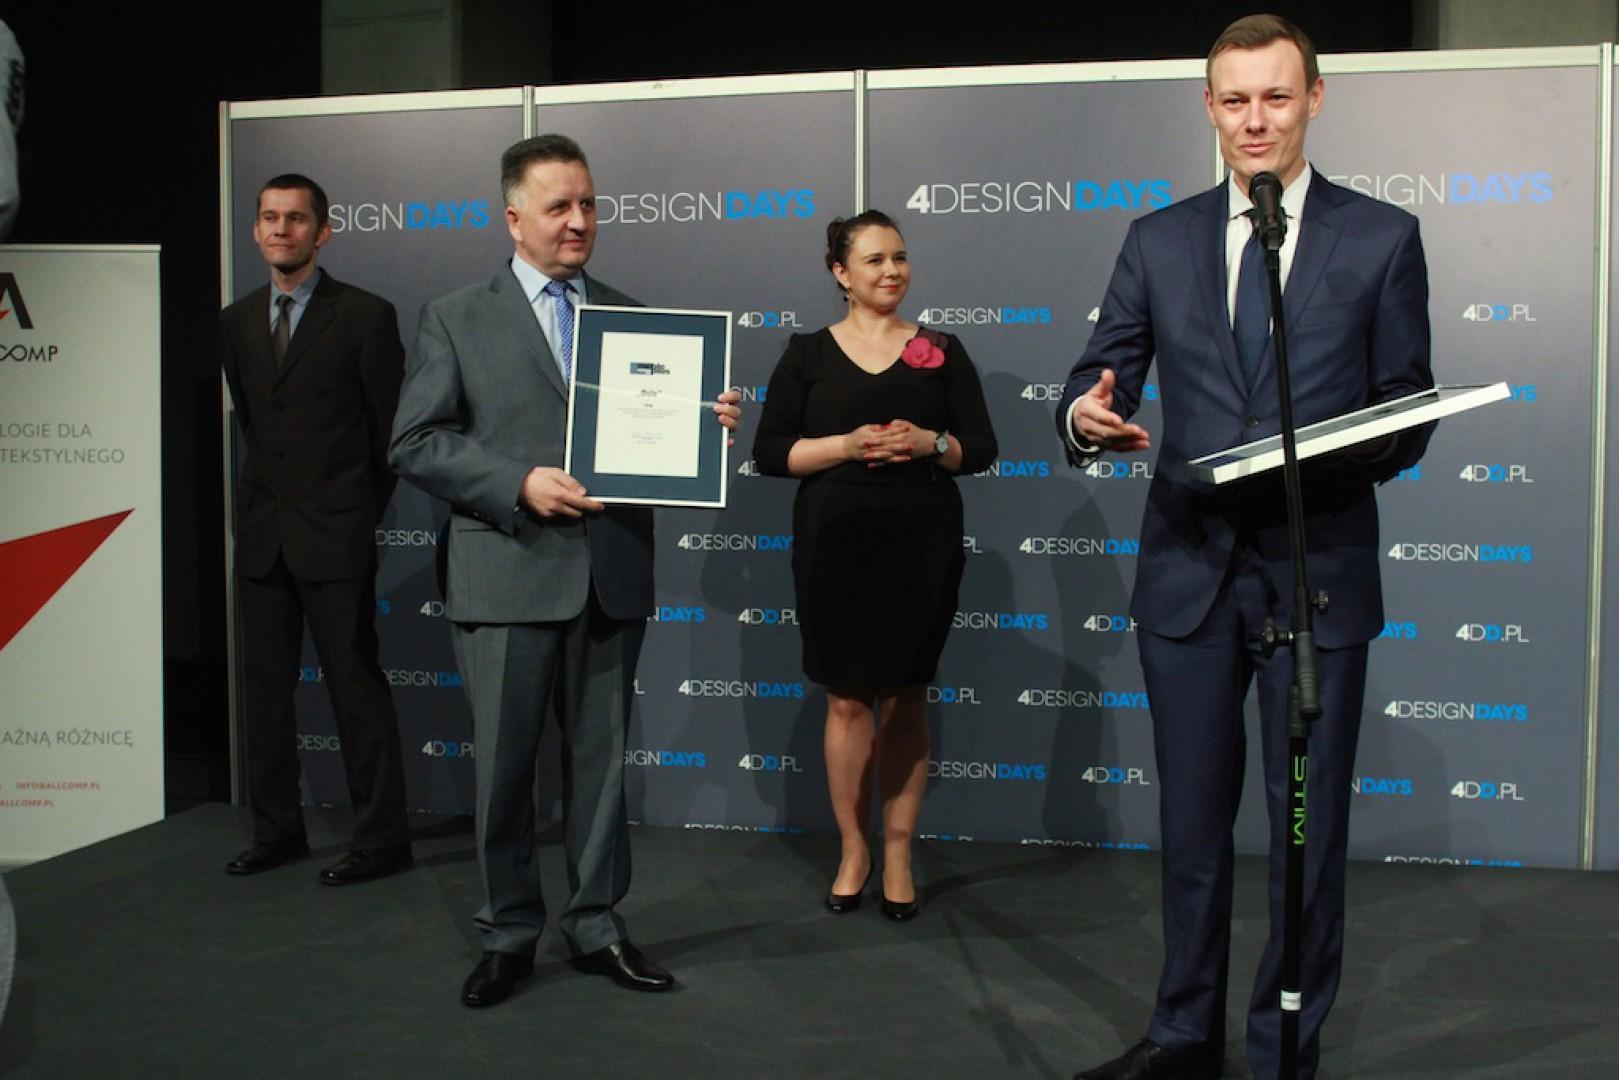 Wojciech Mielczarek, PMW, Maciej Melwiński, IMS Sofa.